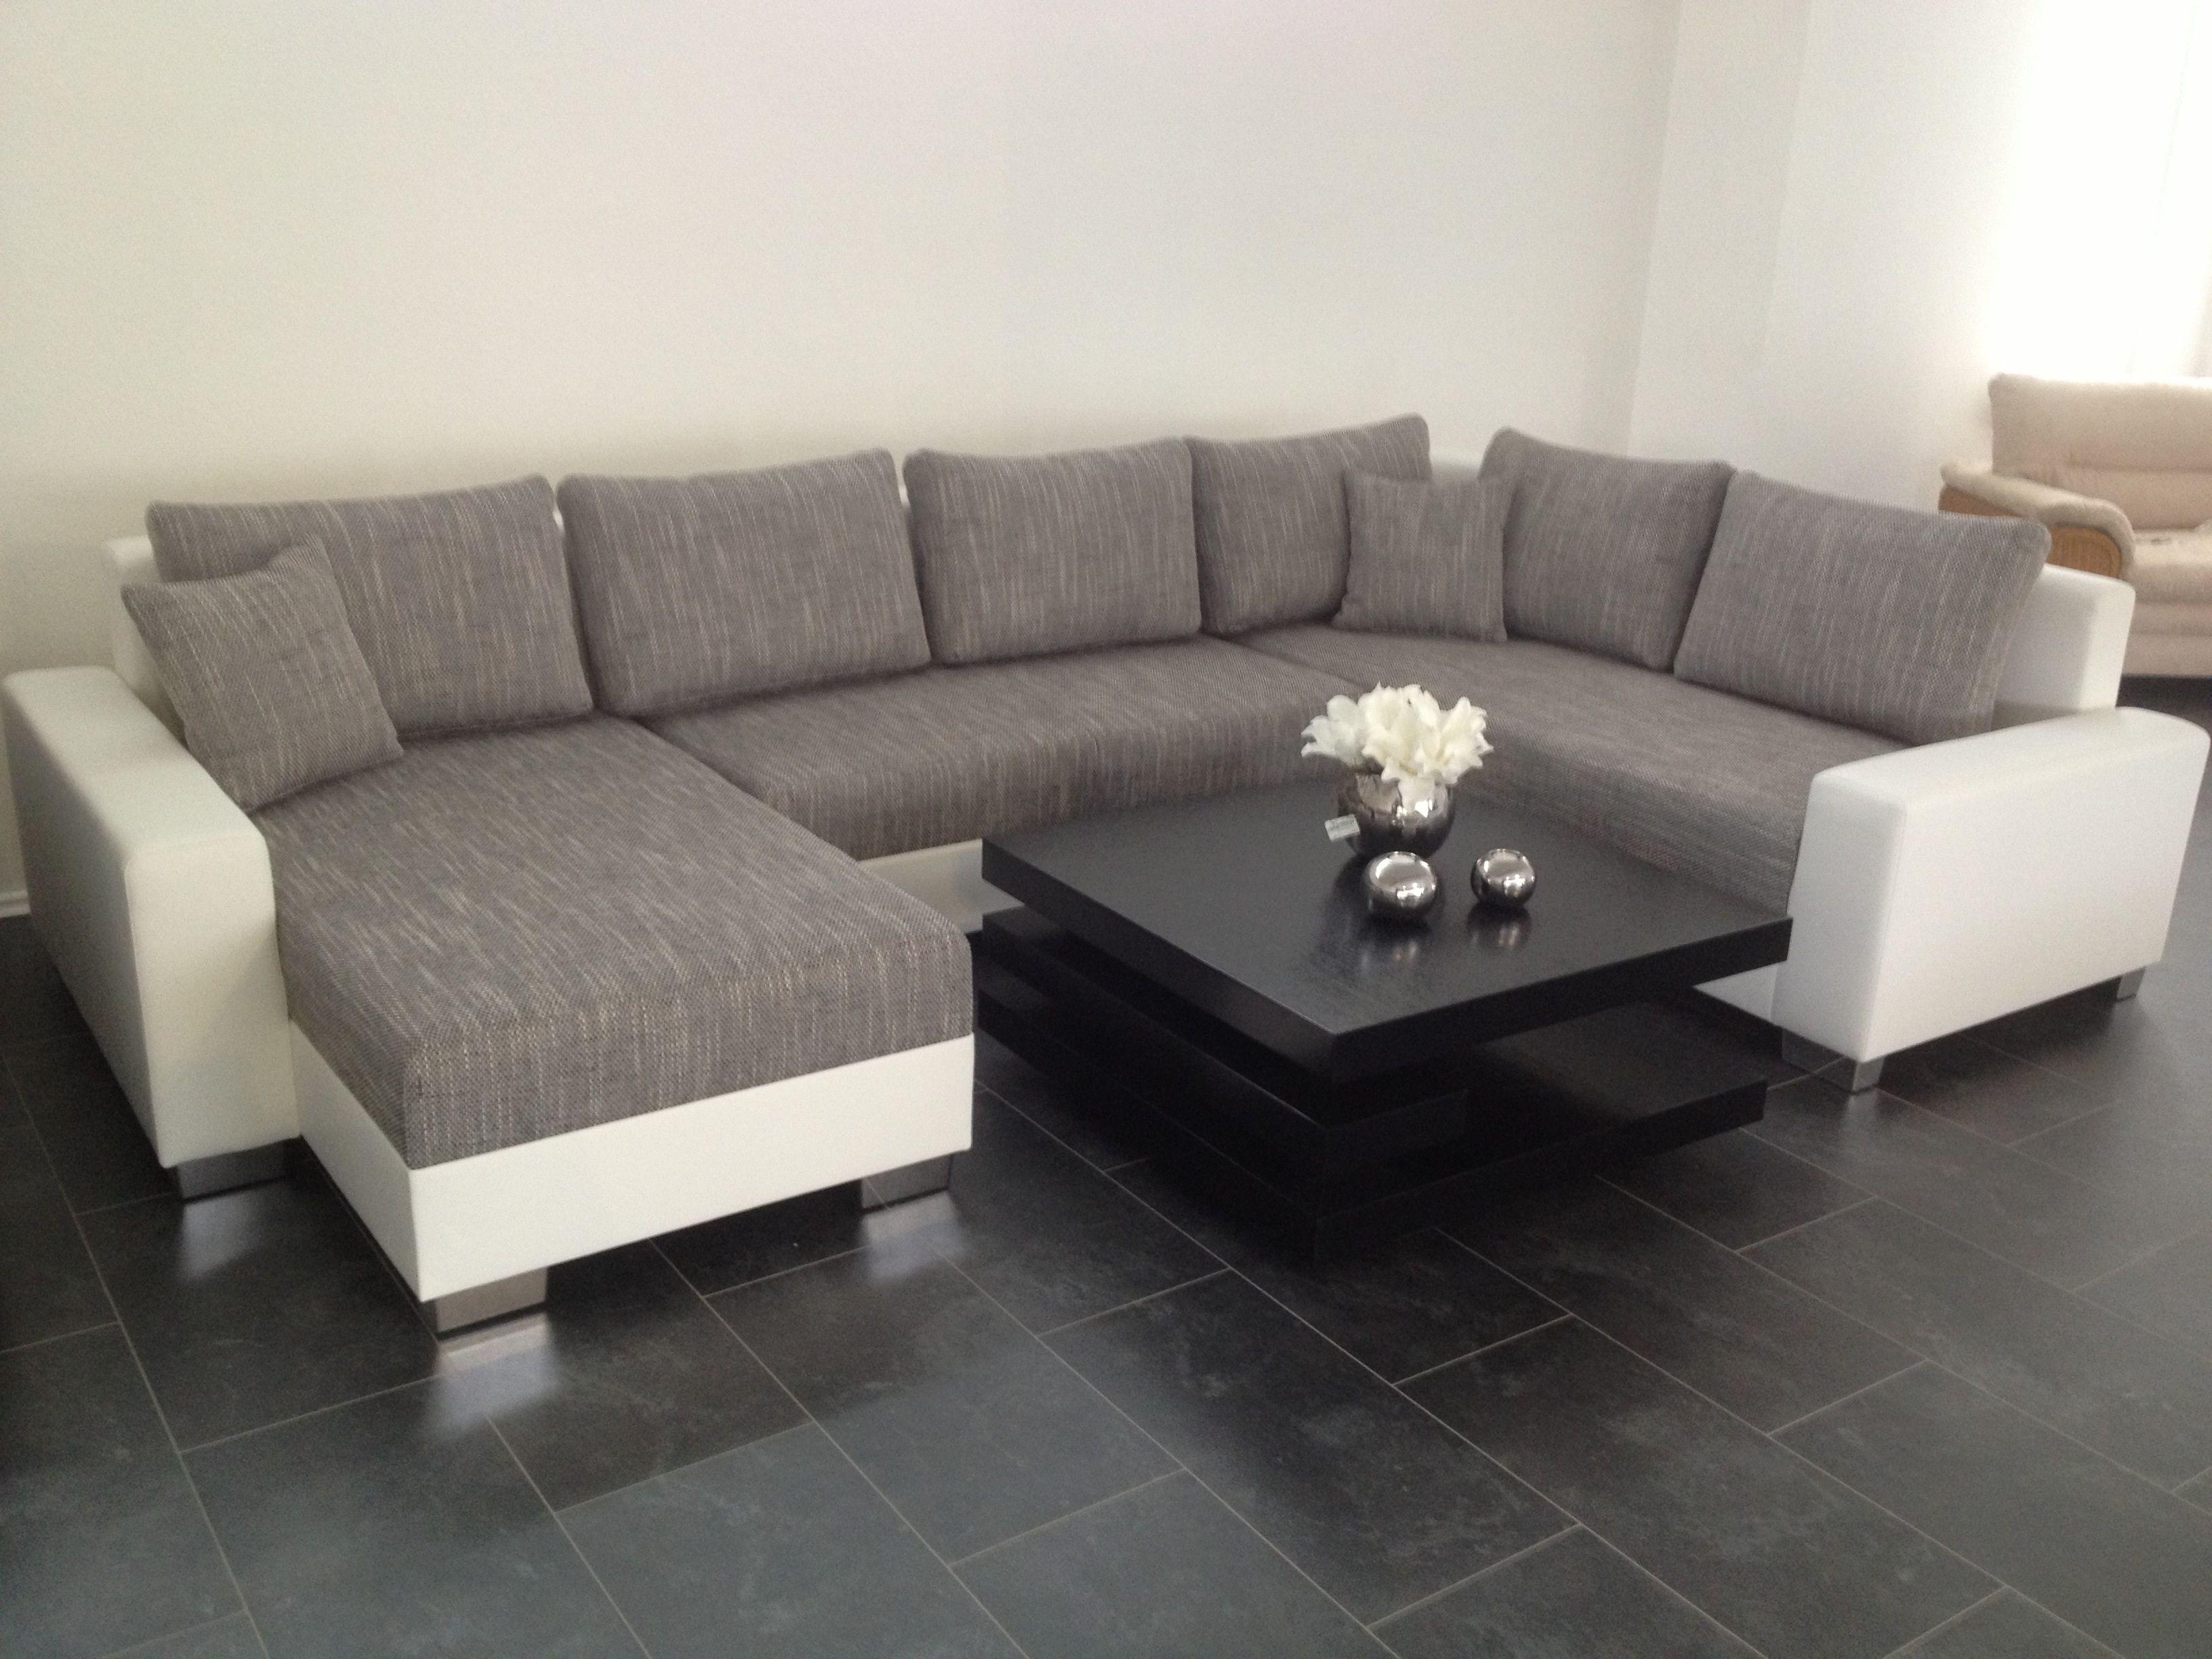 Sofa lagerverkauf fabrikverkauf elkenroth polste www for Lagerverkauf couch